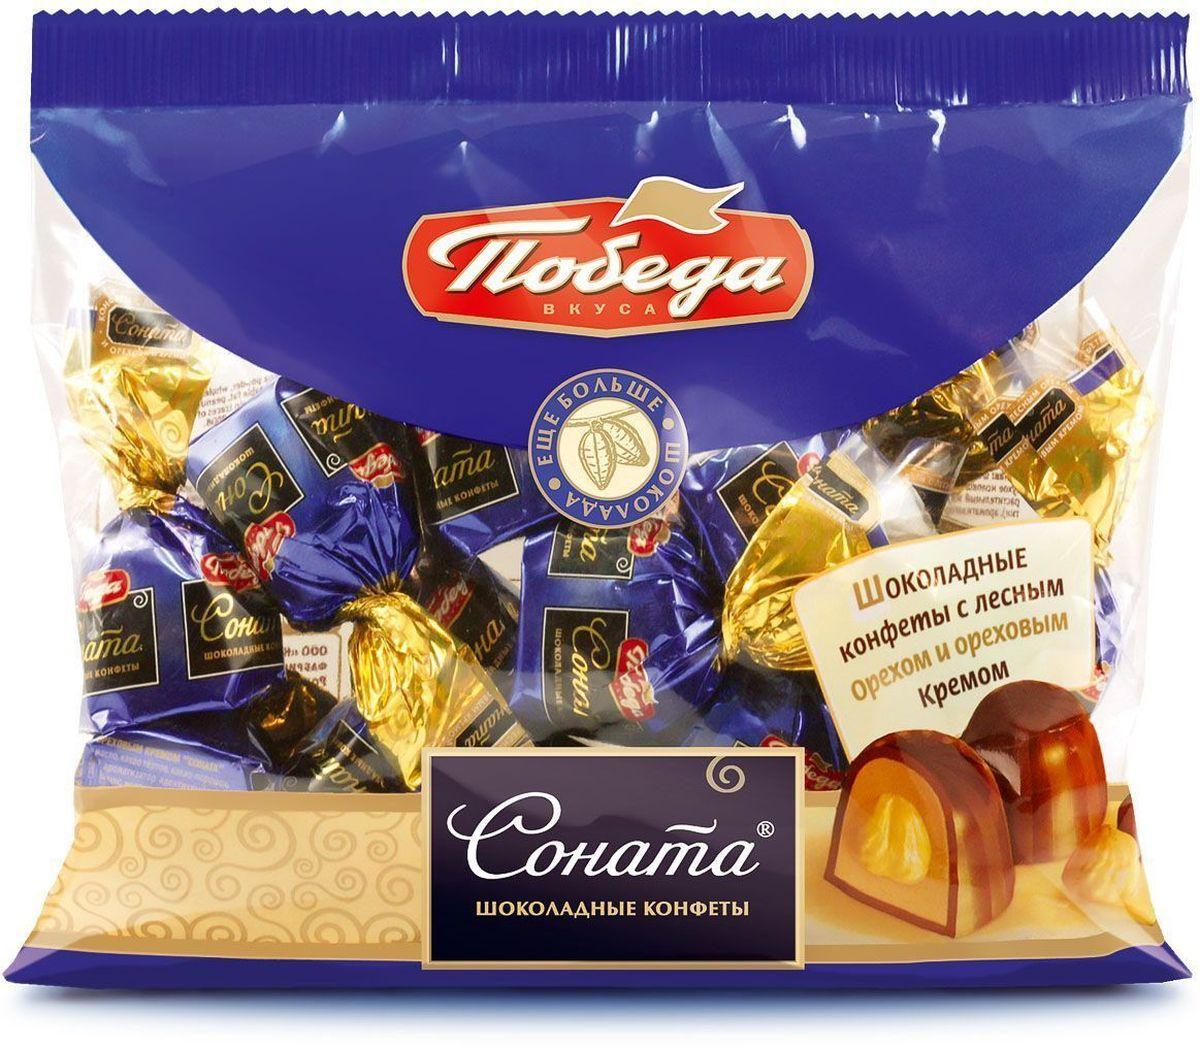 Победа вкуса Соната шоколадные конфеты с лесным орехом и ореховым кремом, 250 г победа вкуса птица счастья вафельные конфеты с начинкой из тертого миндаля в сливочном шоколаде 200 г